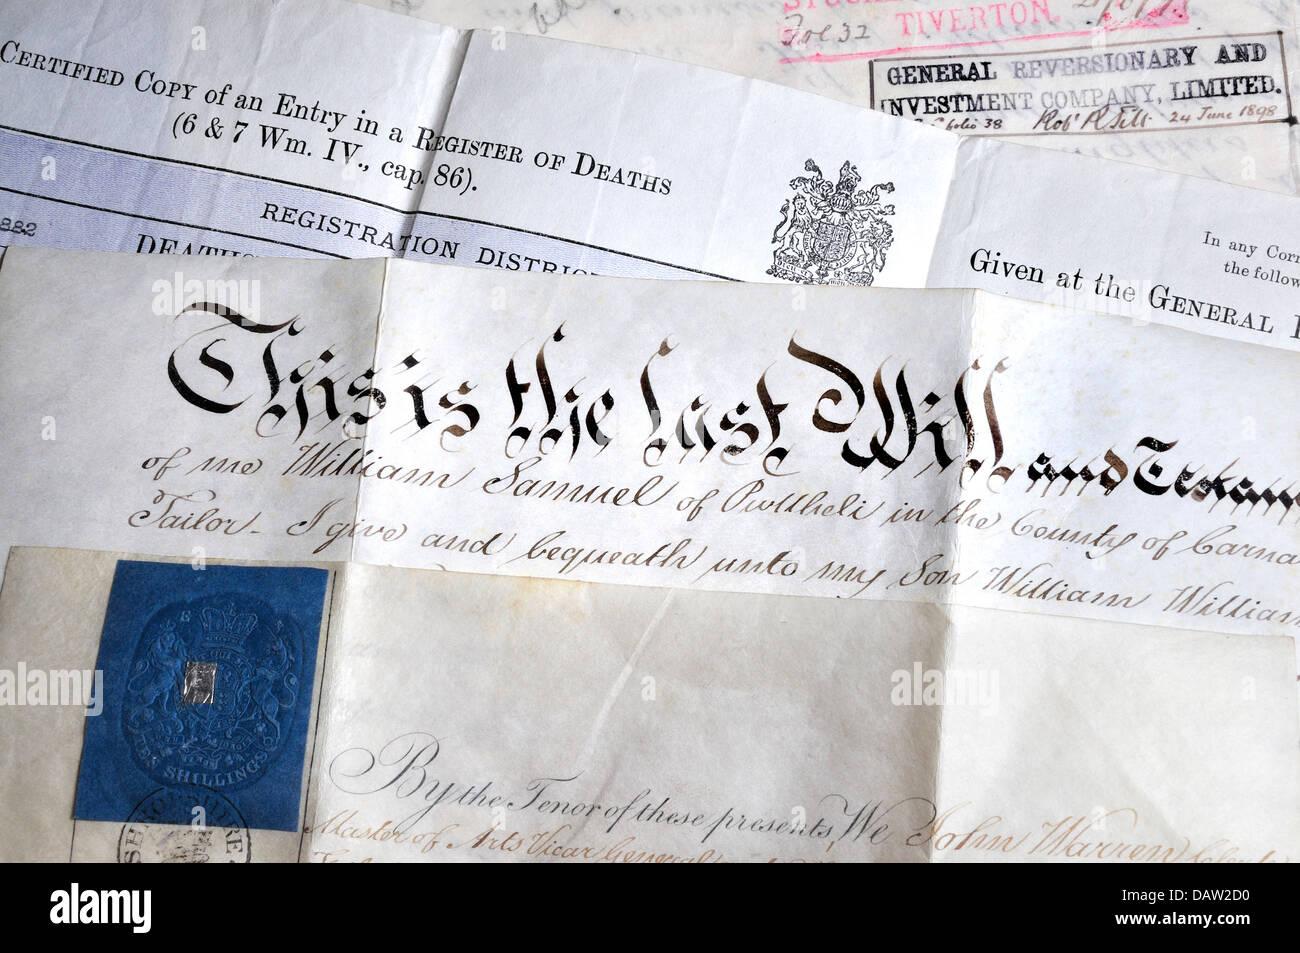 La genealogia di documenti - certificato di morte e scritte a mano saranno Immagini Stock